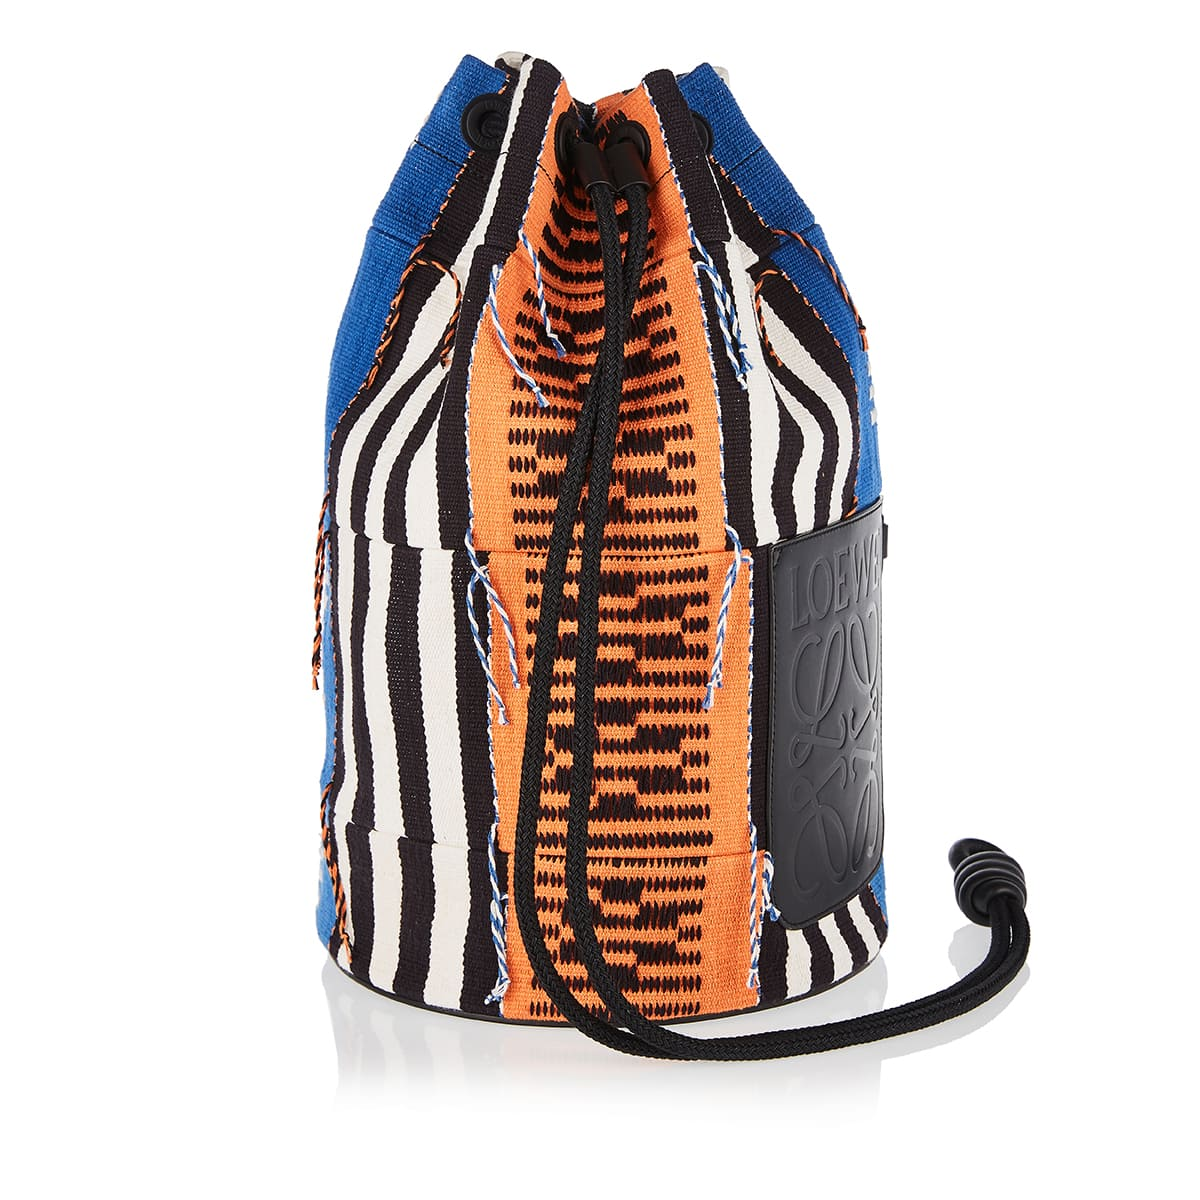 Patchwork sailor bag